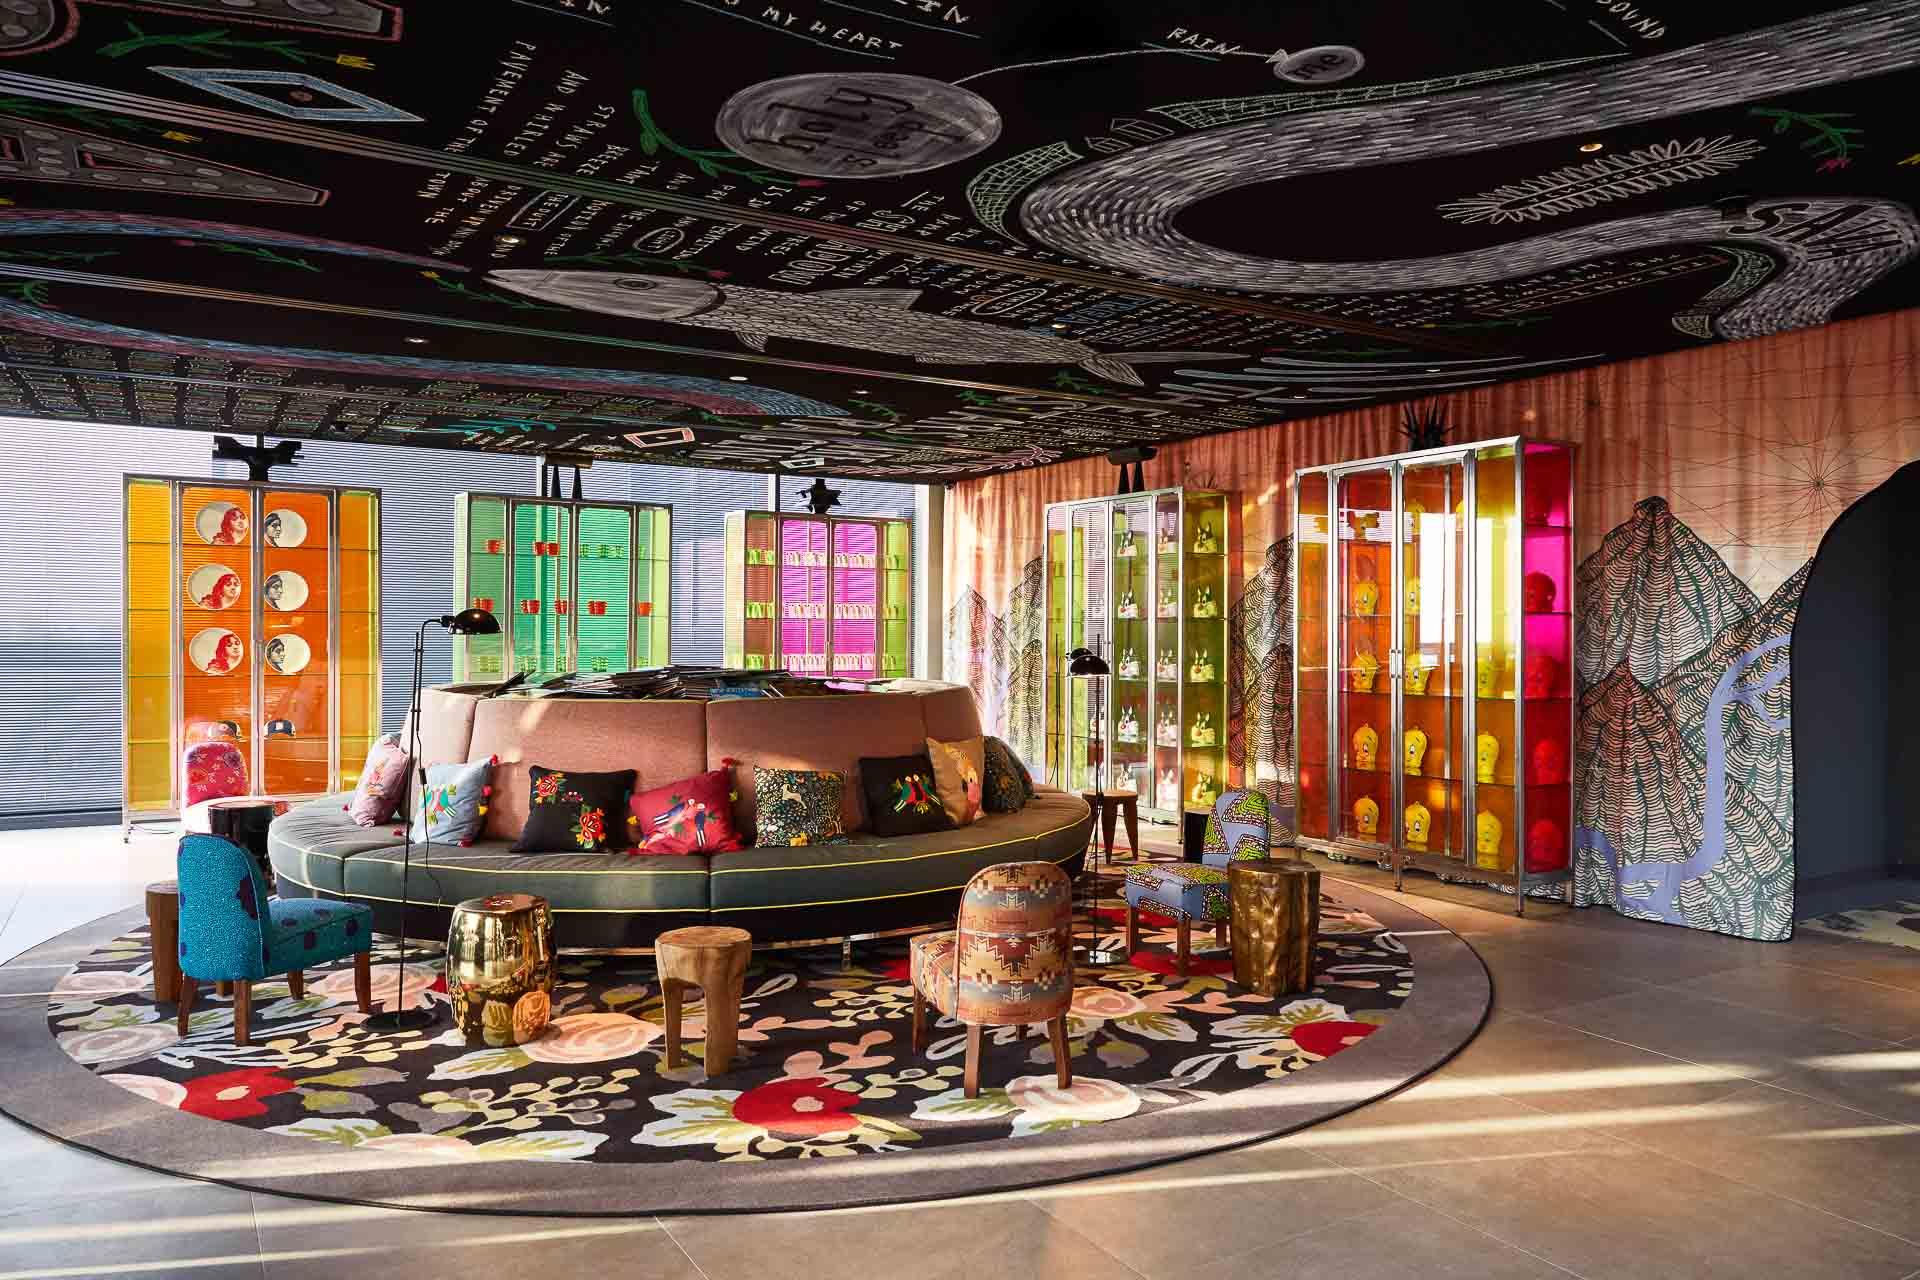 Dès la réception, on retrouve l'univers visuel coloré et funky qui a fait le succès de Mama Shelter depuis ses débuts en 2008